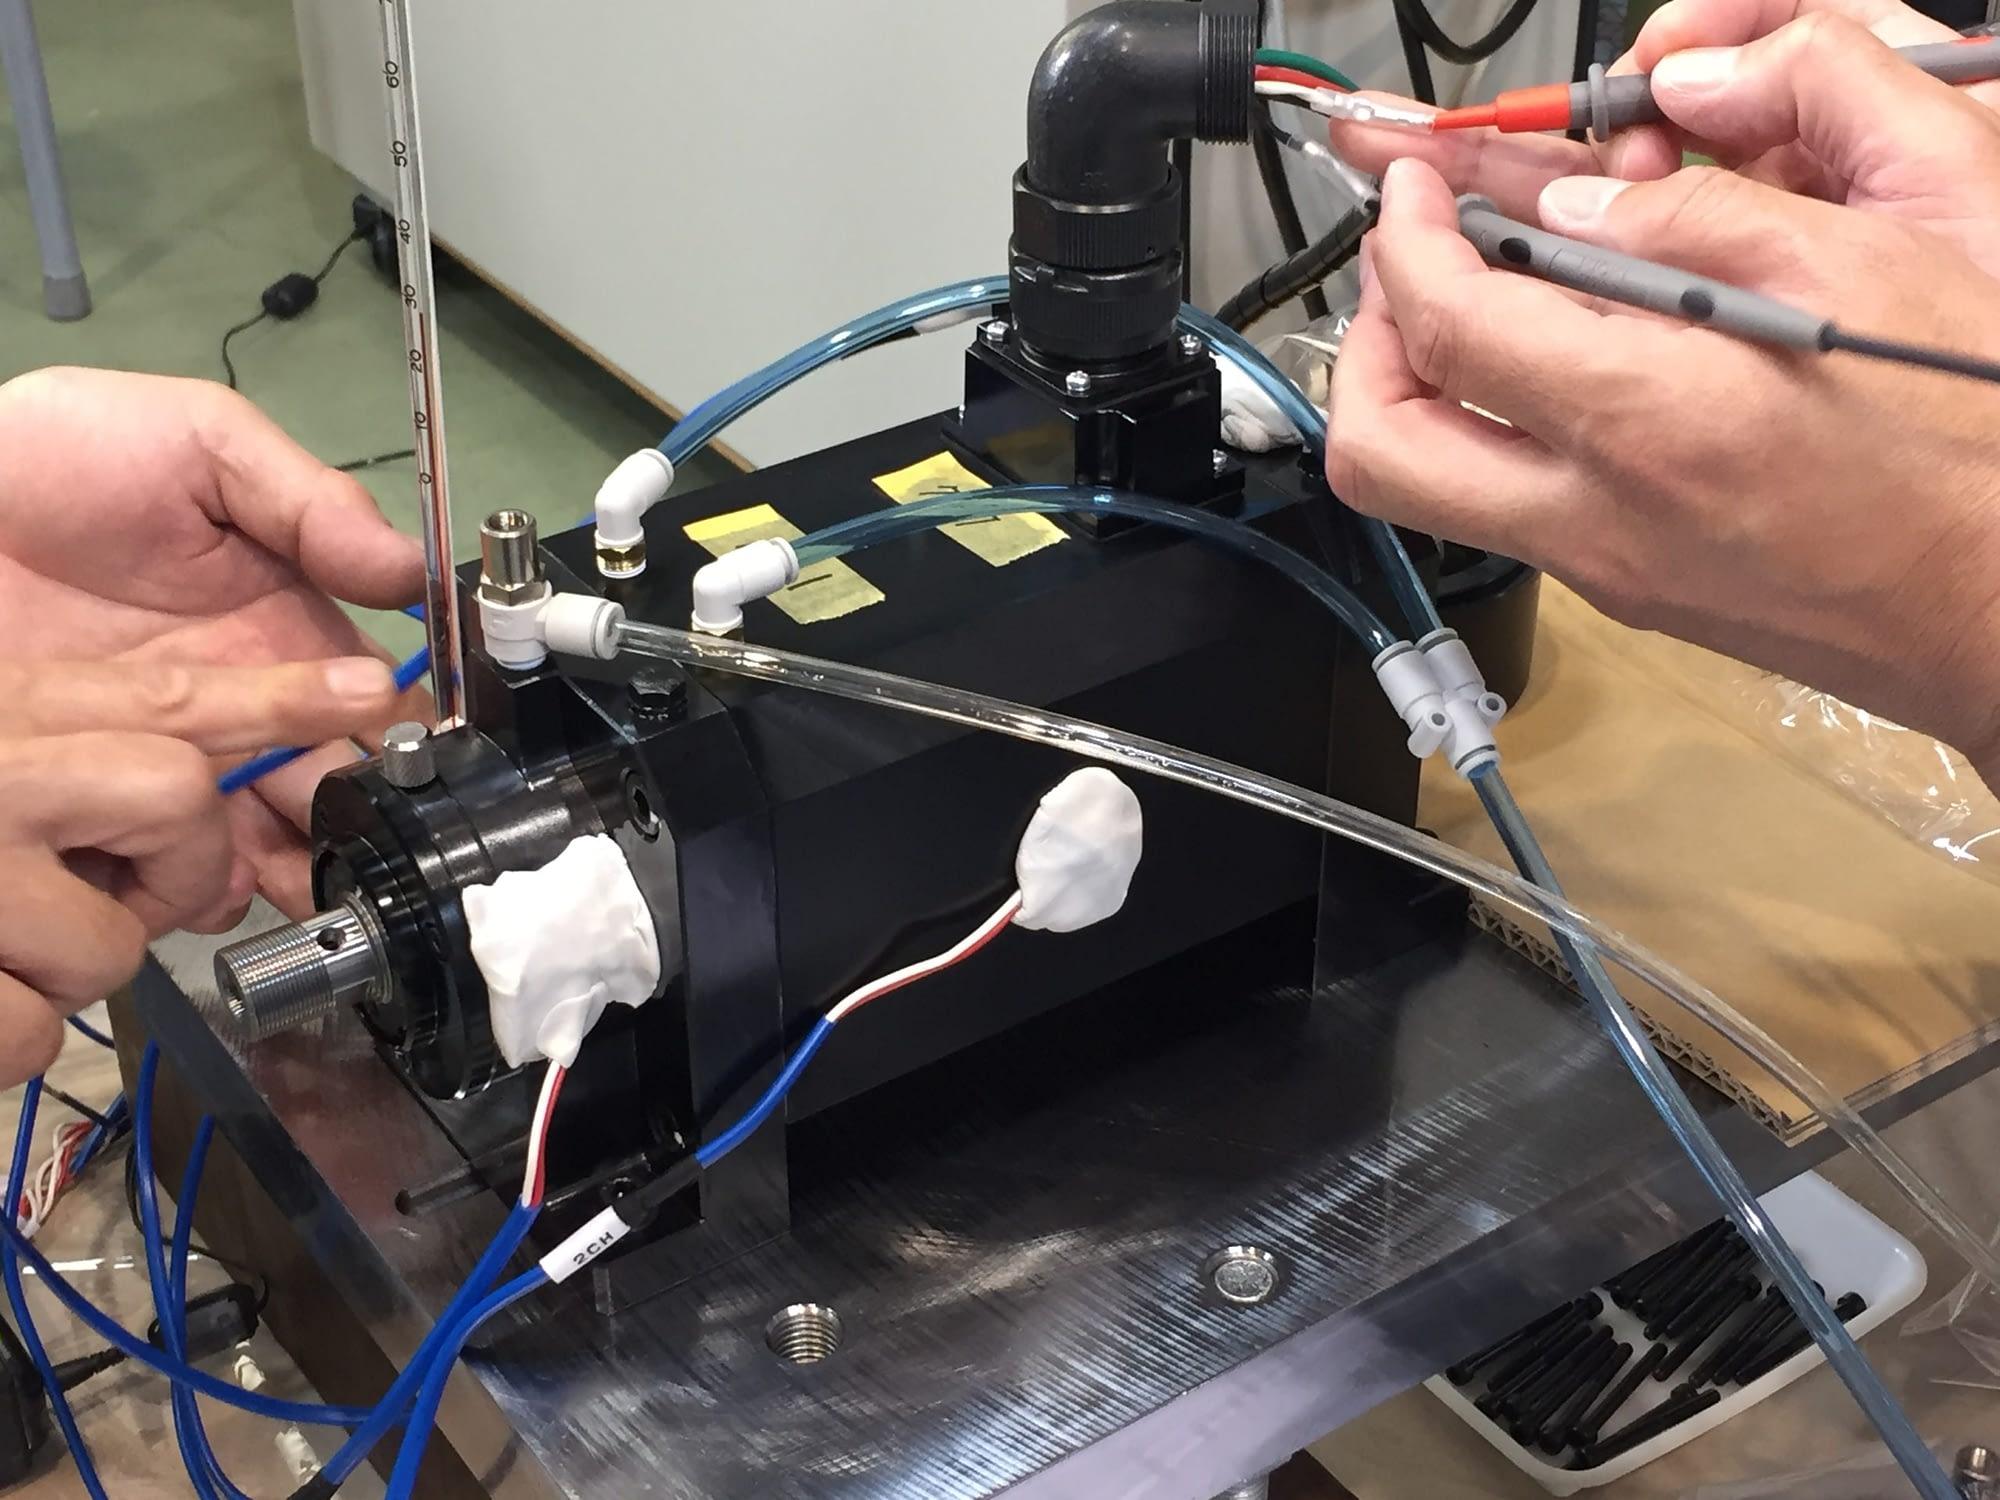 ガンドリルメーカーならではの高精度深穴ガンドリル加工